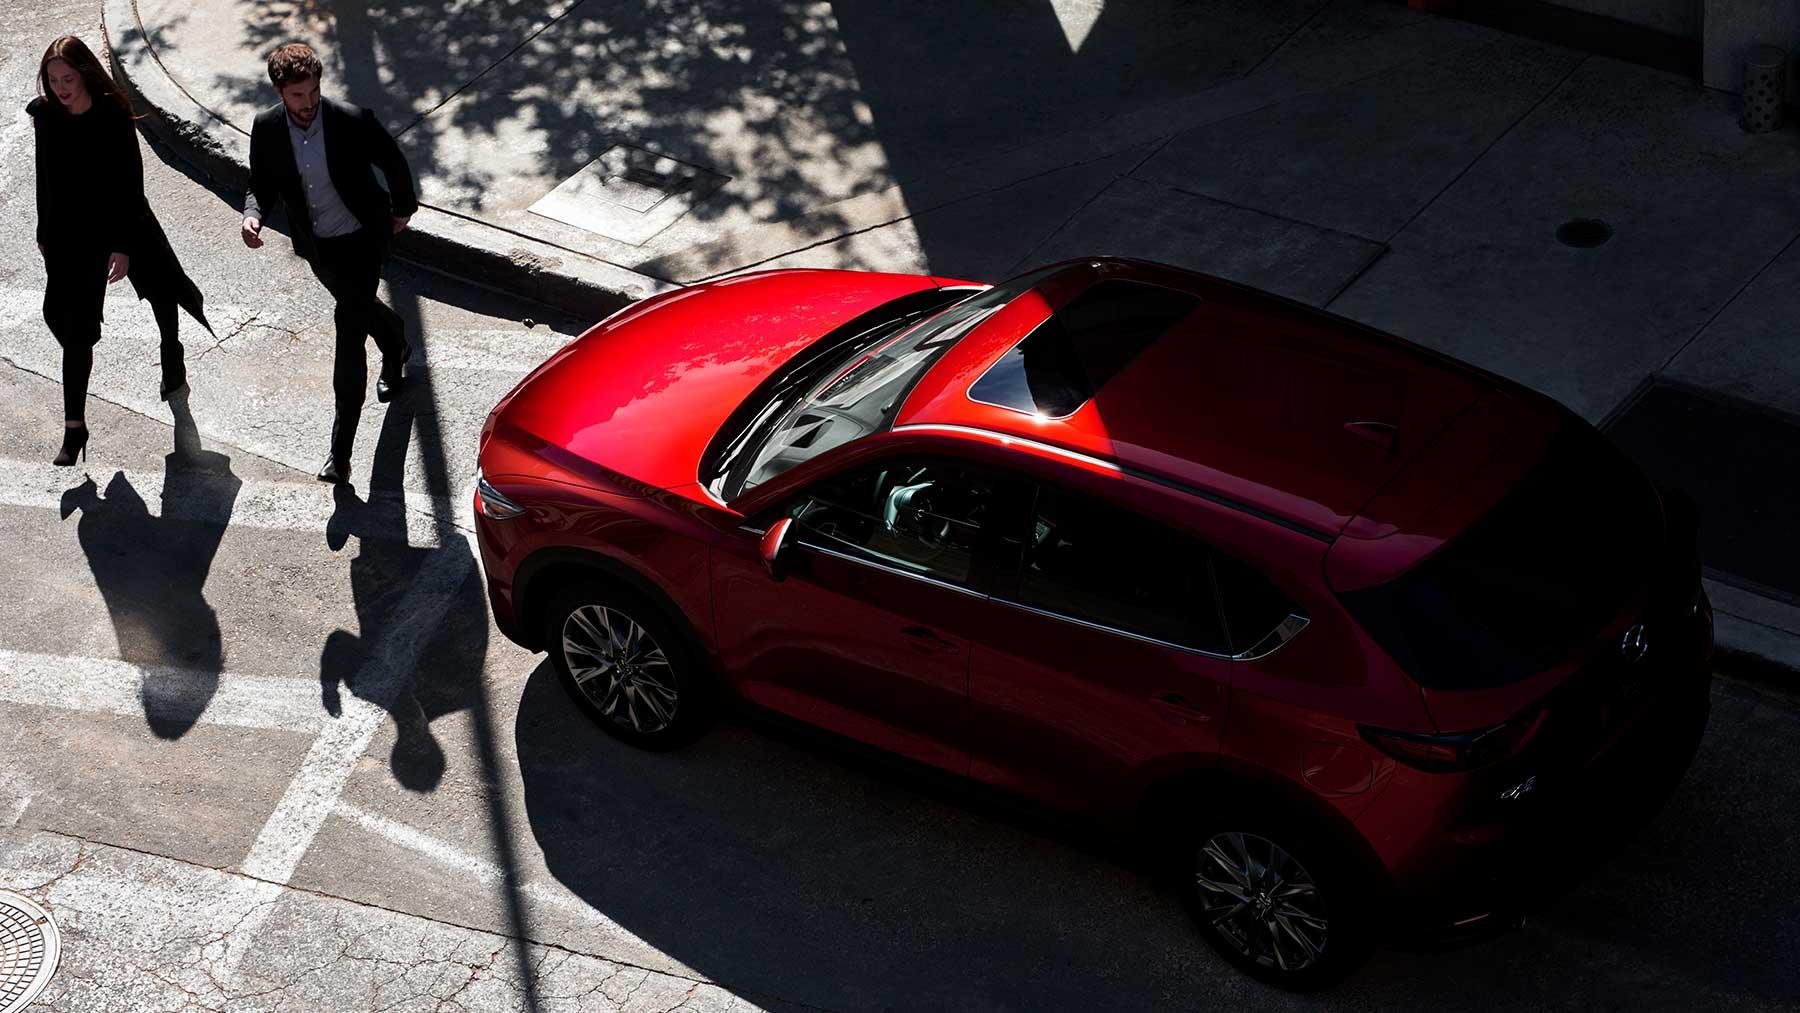 2019 Mazda CX-5 for Sale near Utica, NY